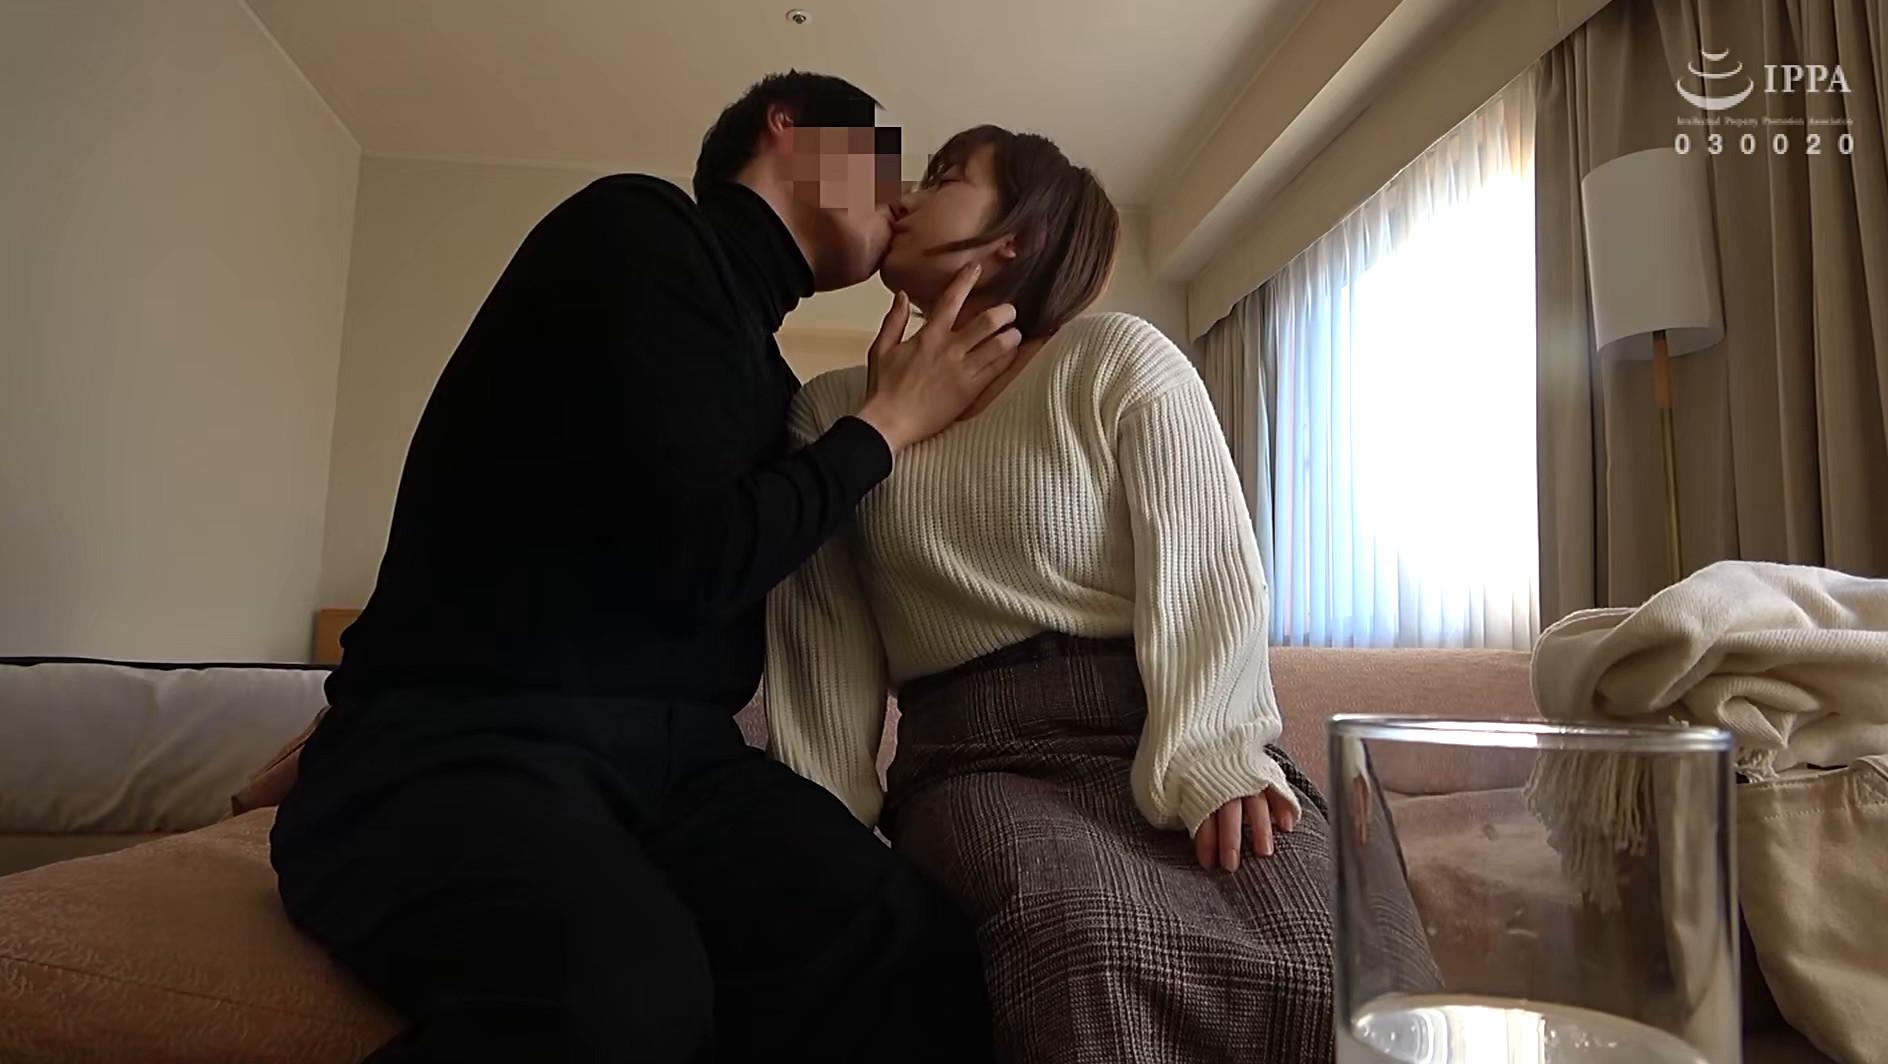 人妻自撮りNTR 寝取られ報告ビデオ 15 人妻・汐里(仮名) 二十七歳、結婚六年目 子供なし、介護士 画像3